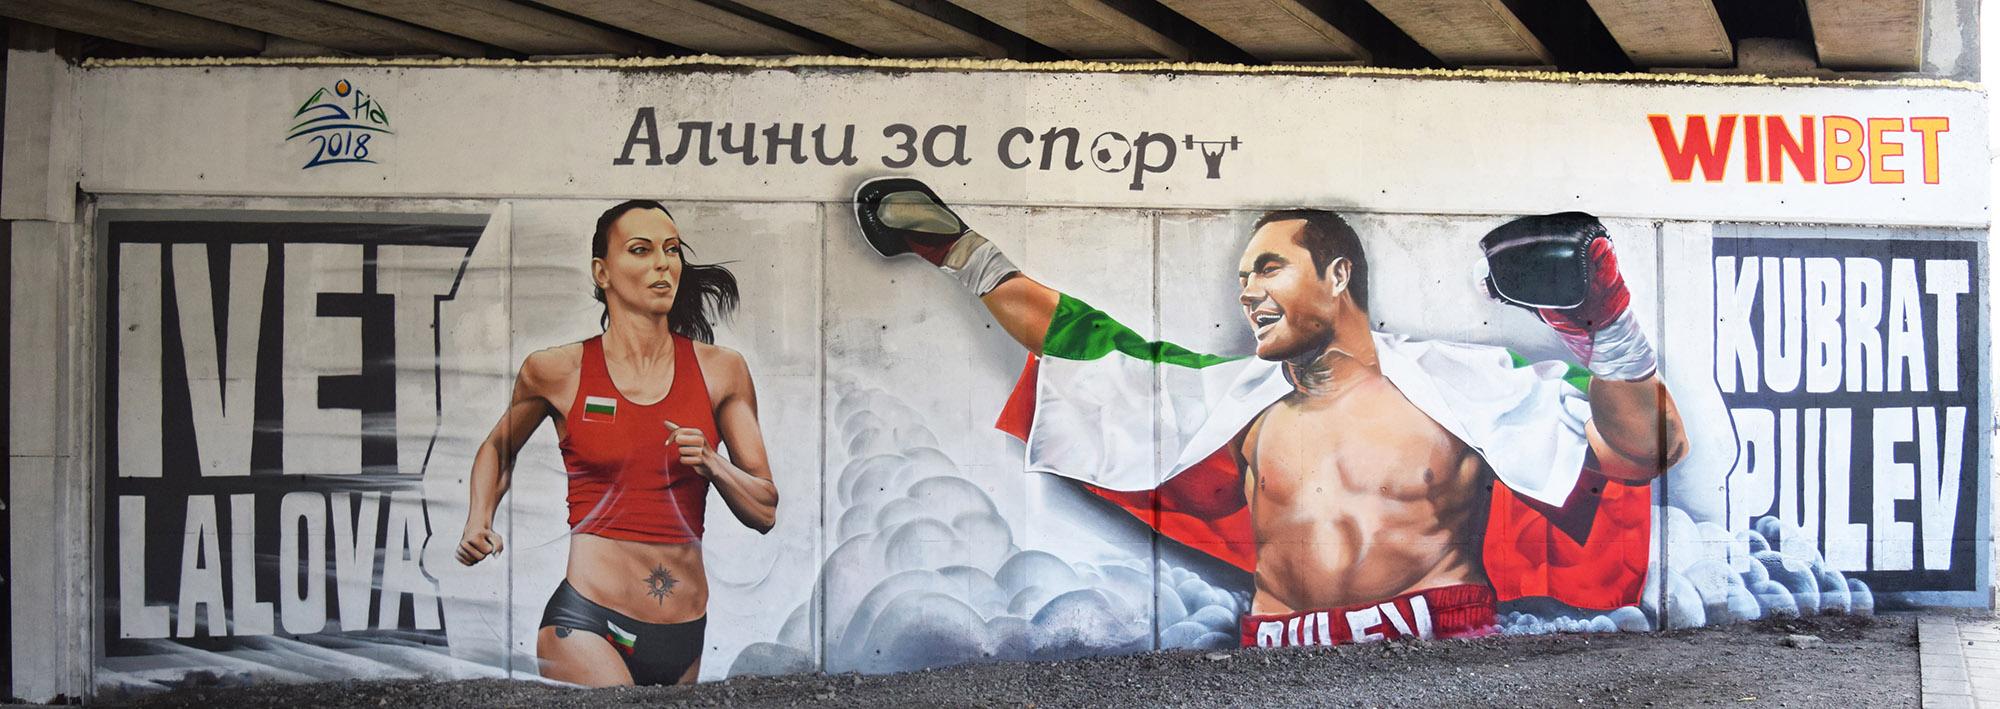 Ивет Лалова и Кубрат Пулев графит